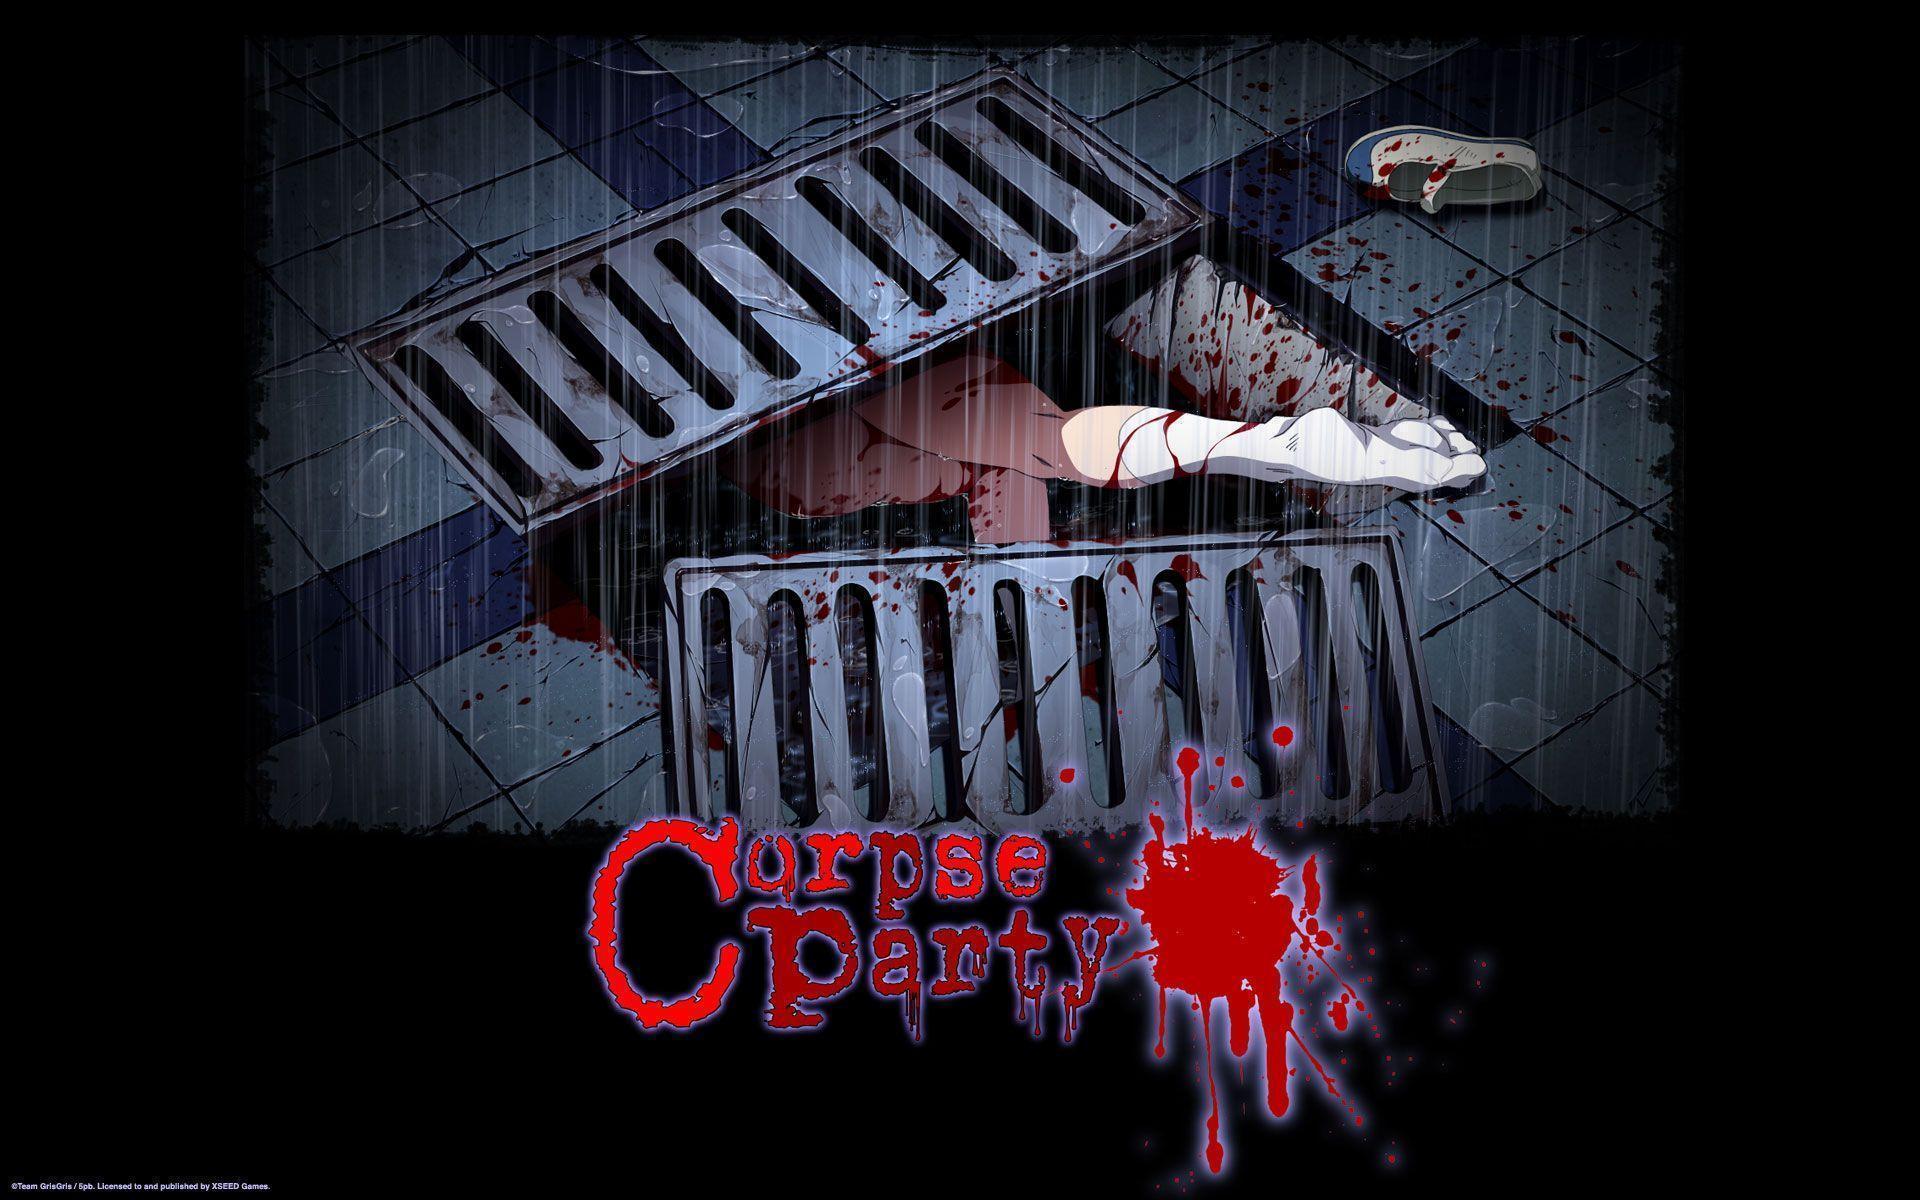 Corpse Party Wallpaper Hd Corpse Party Wallpapers Wallpaper Cave